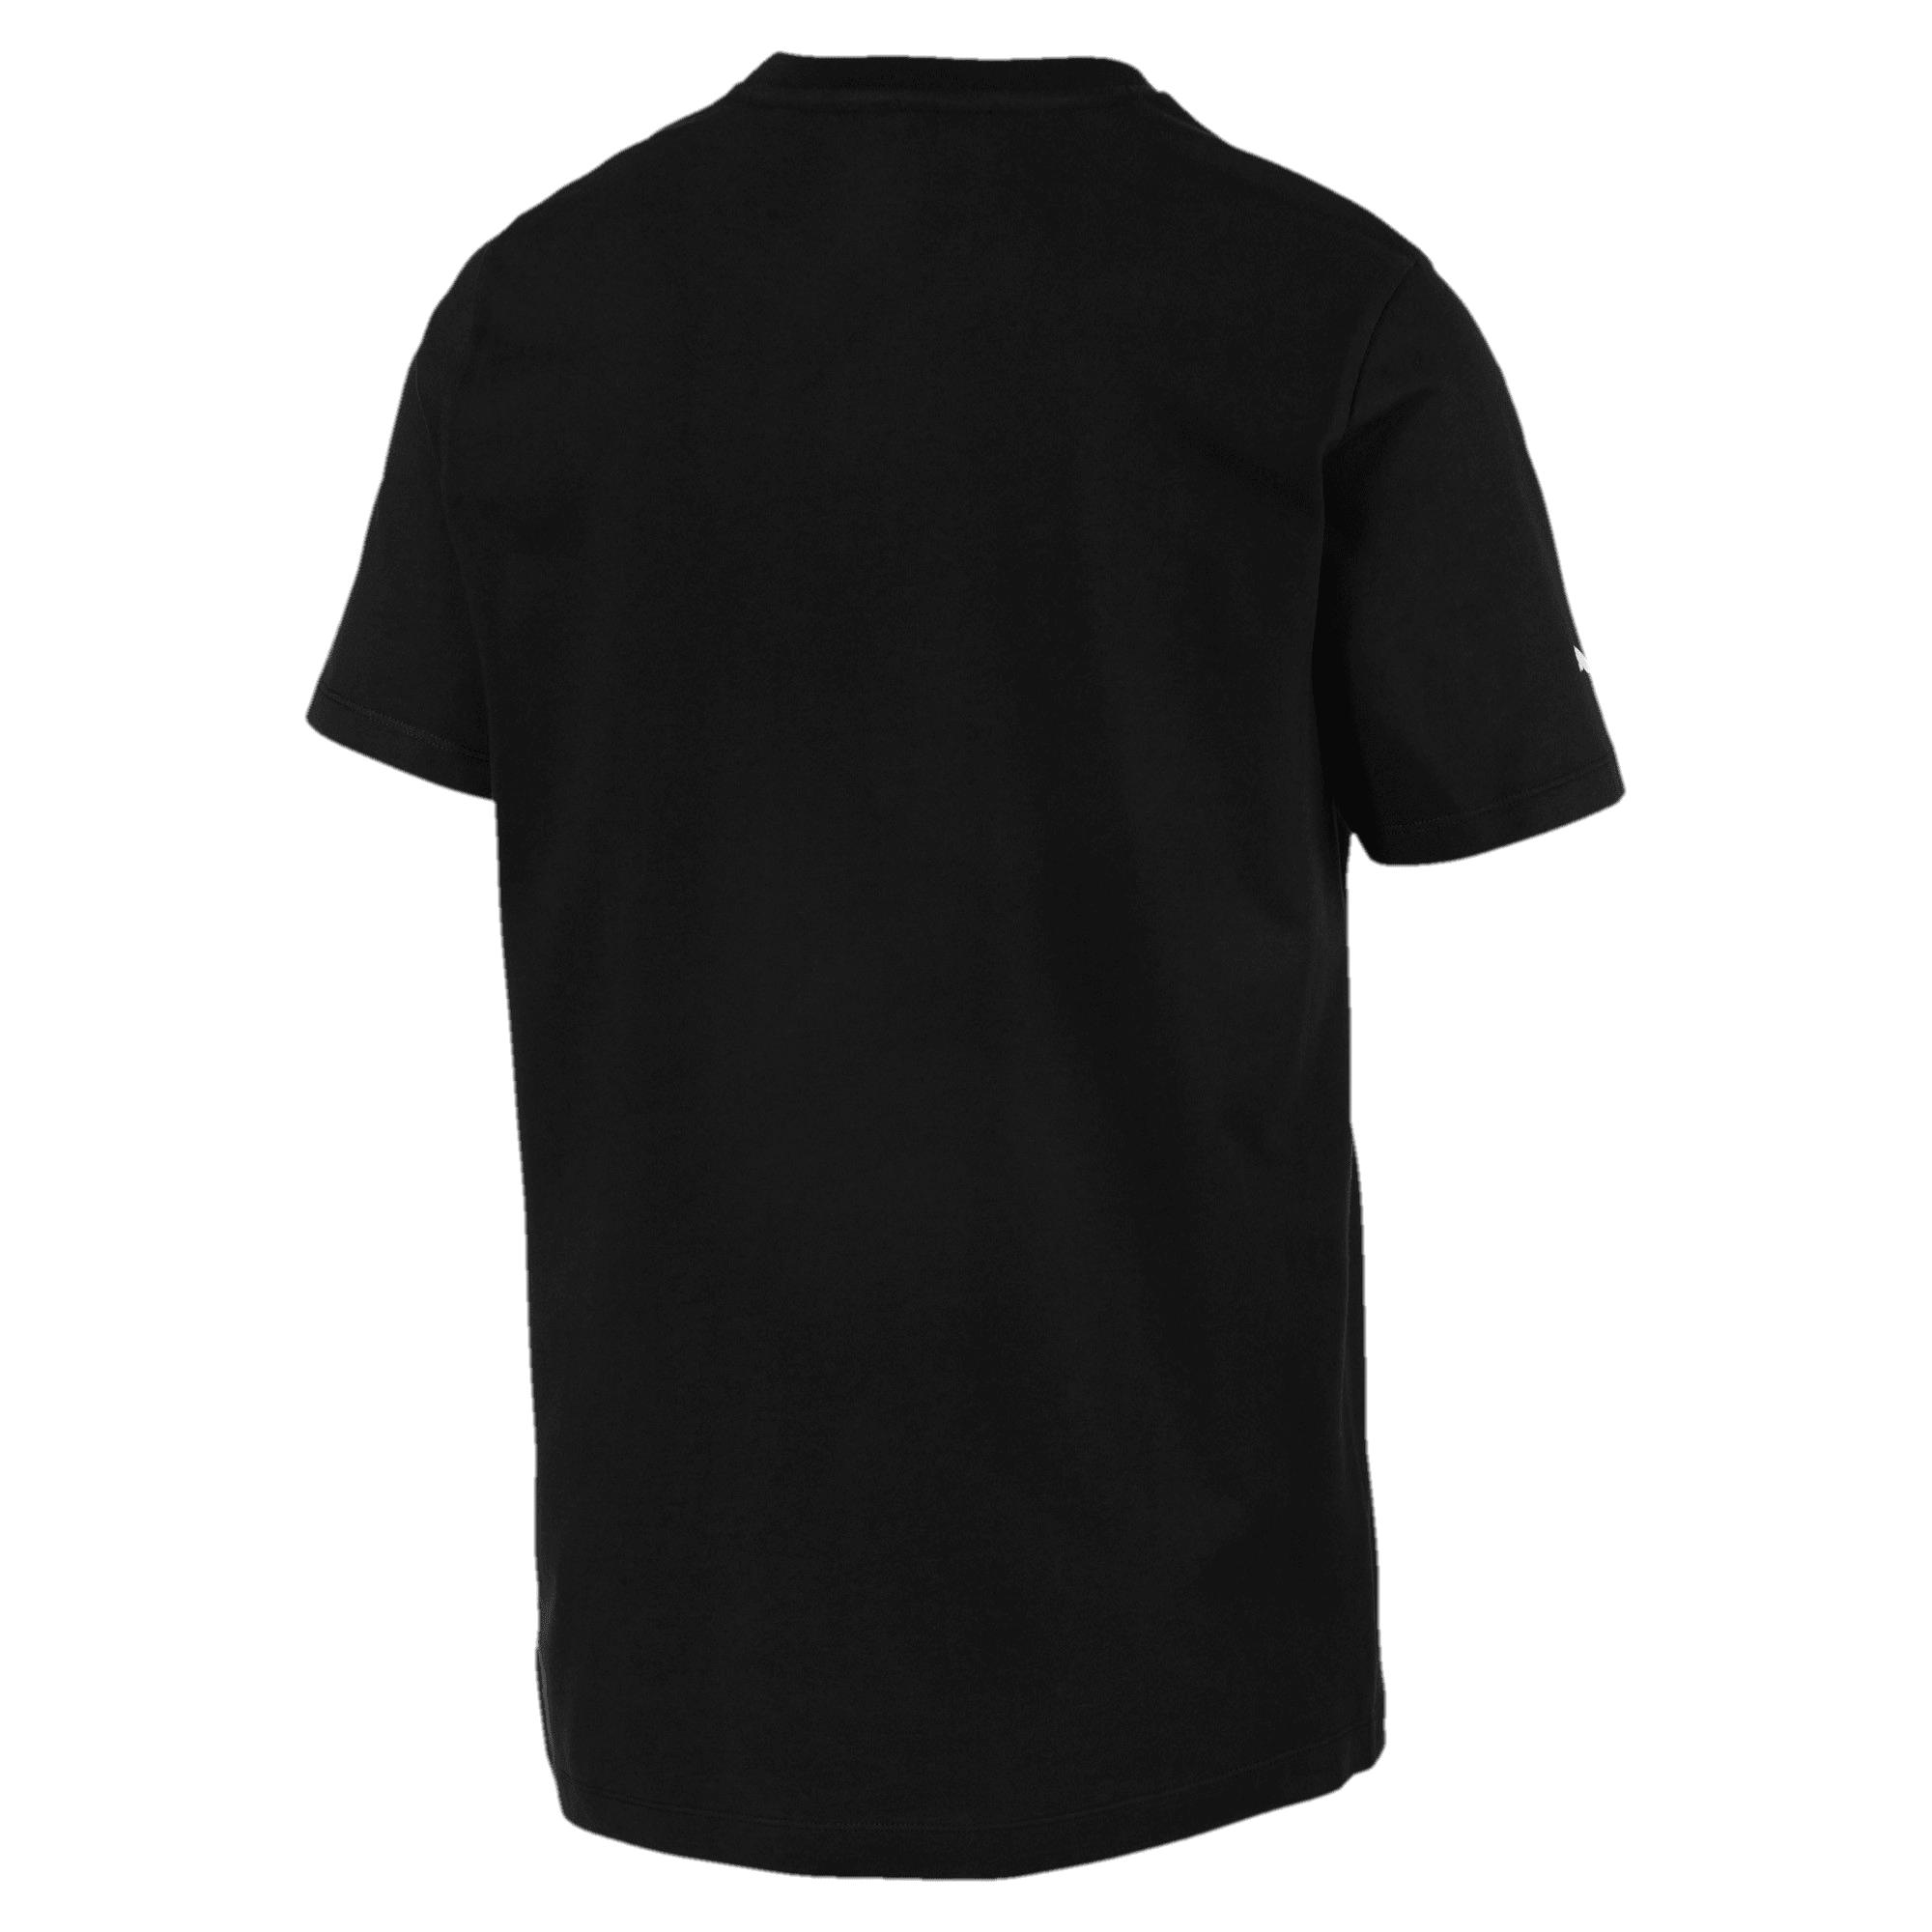 Miniatura 5 de Camiseta con estampa BMW M Motorsport para hombre, Puma Black, mediano